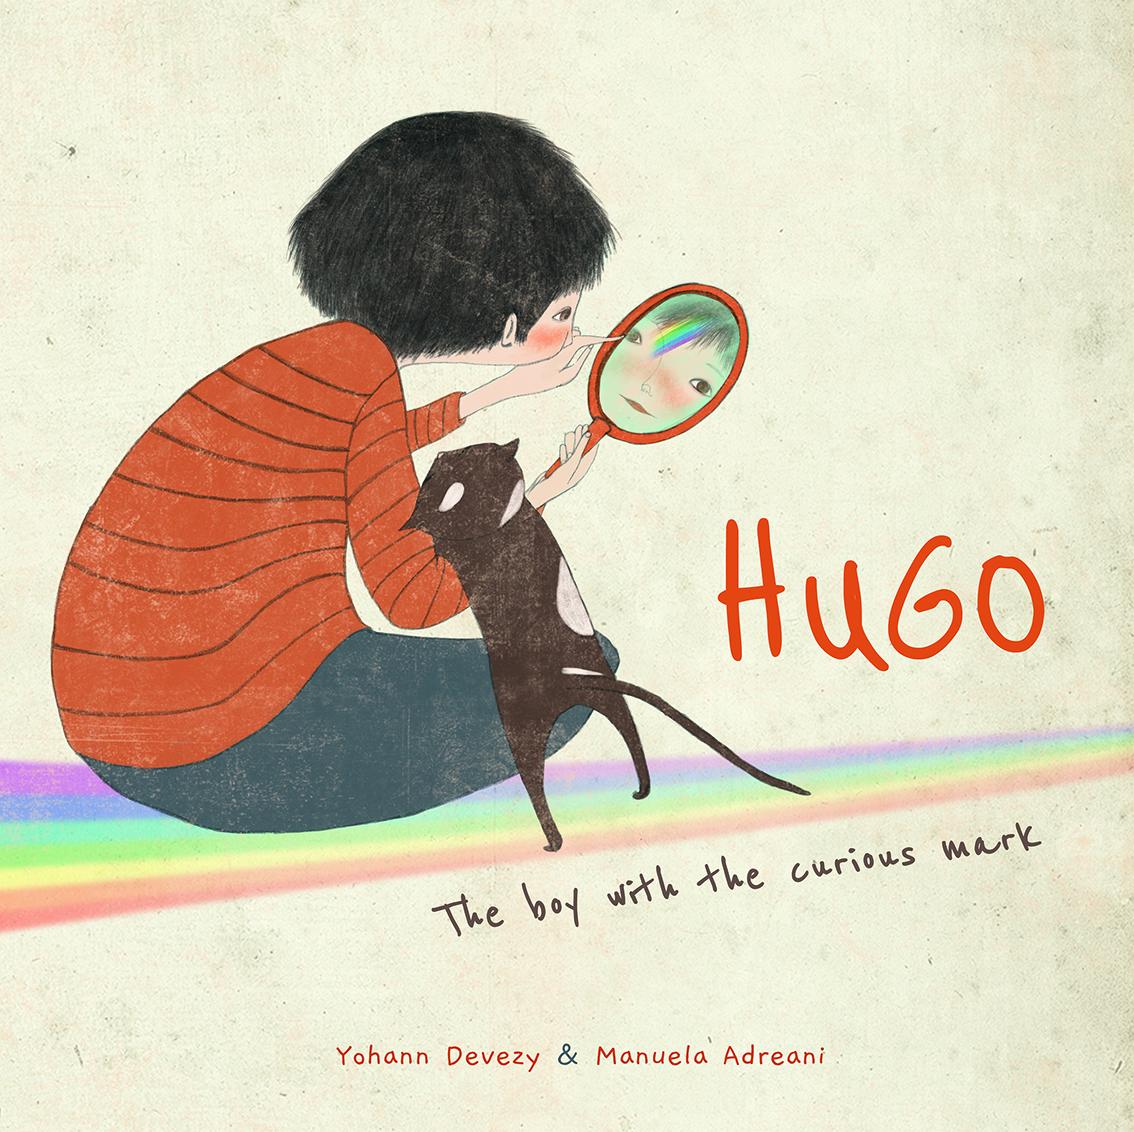 HUGO The boy with the curious mark